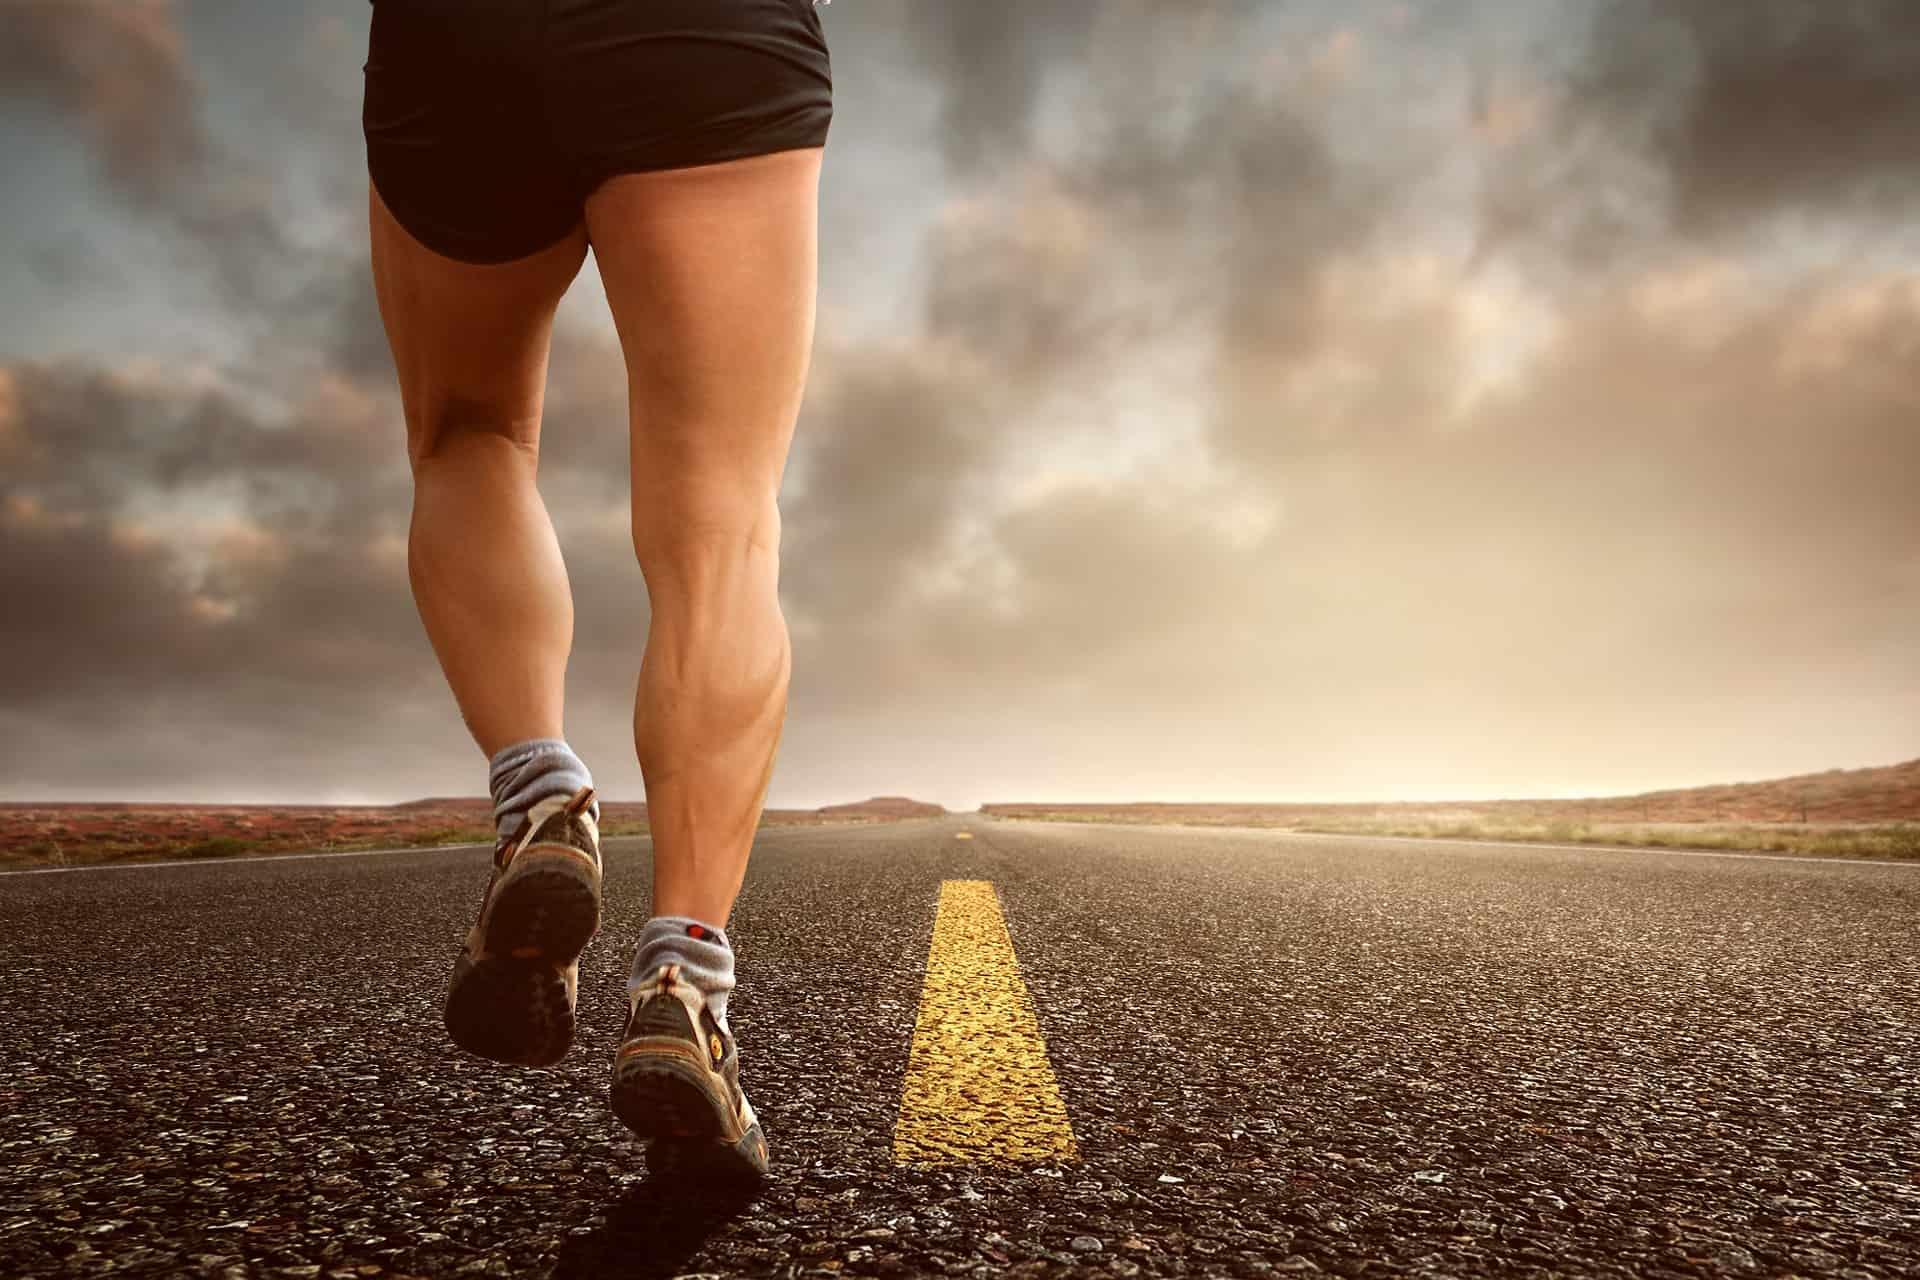 jogging-2343558_1920 (1)-minのアイキャッチ画像